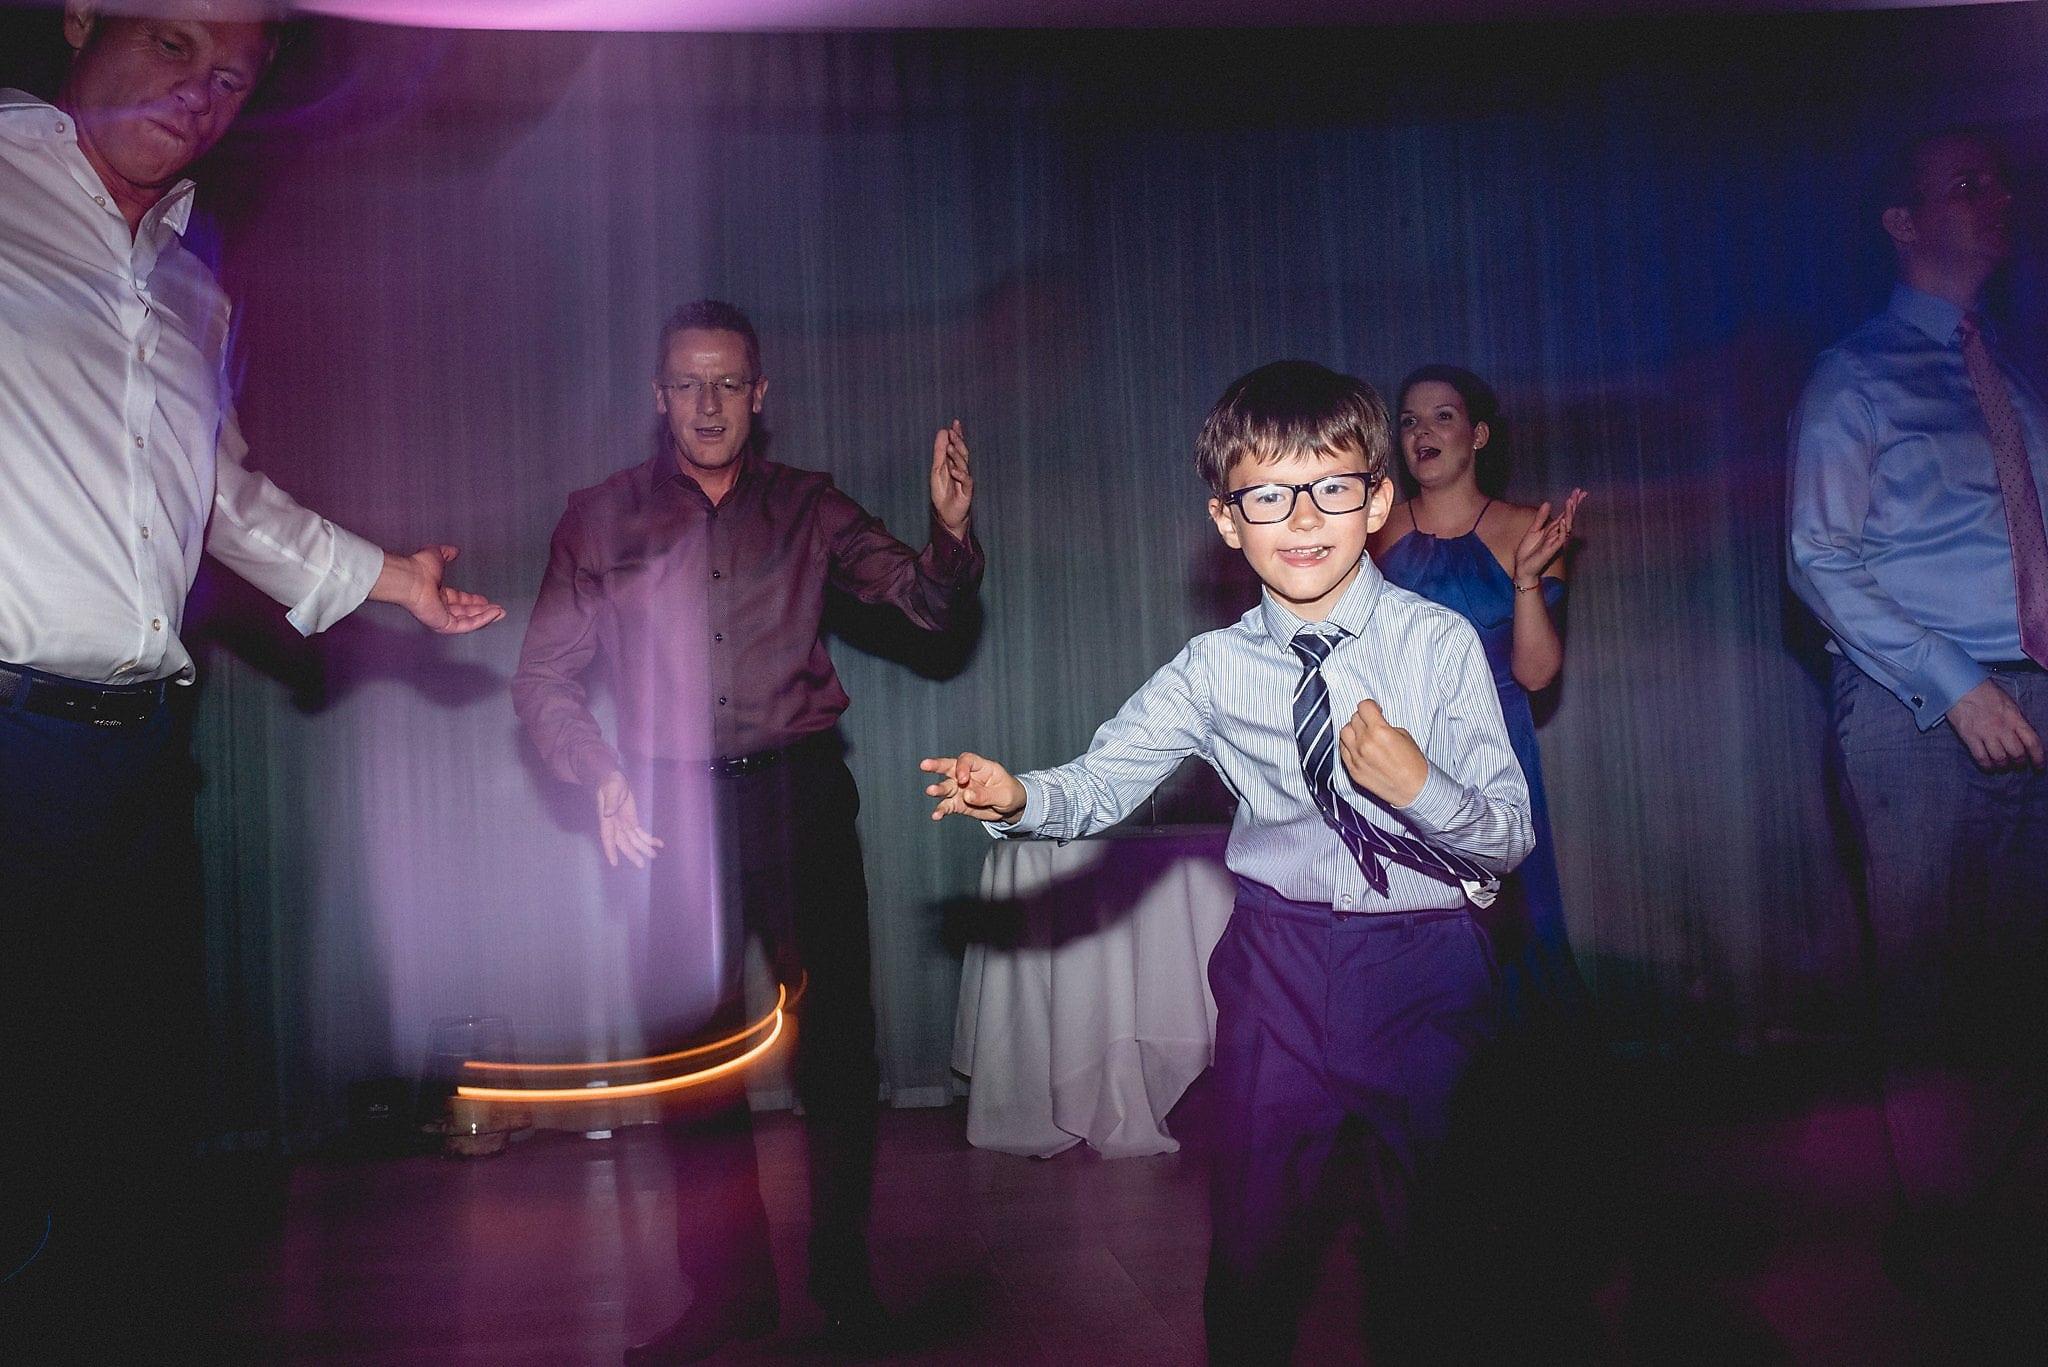 Young boy on the dancefloor